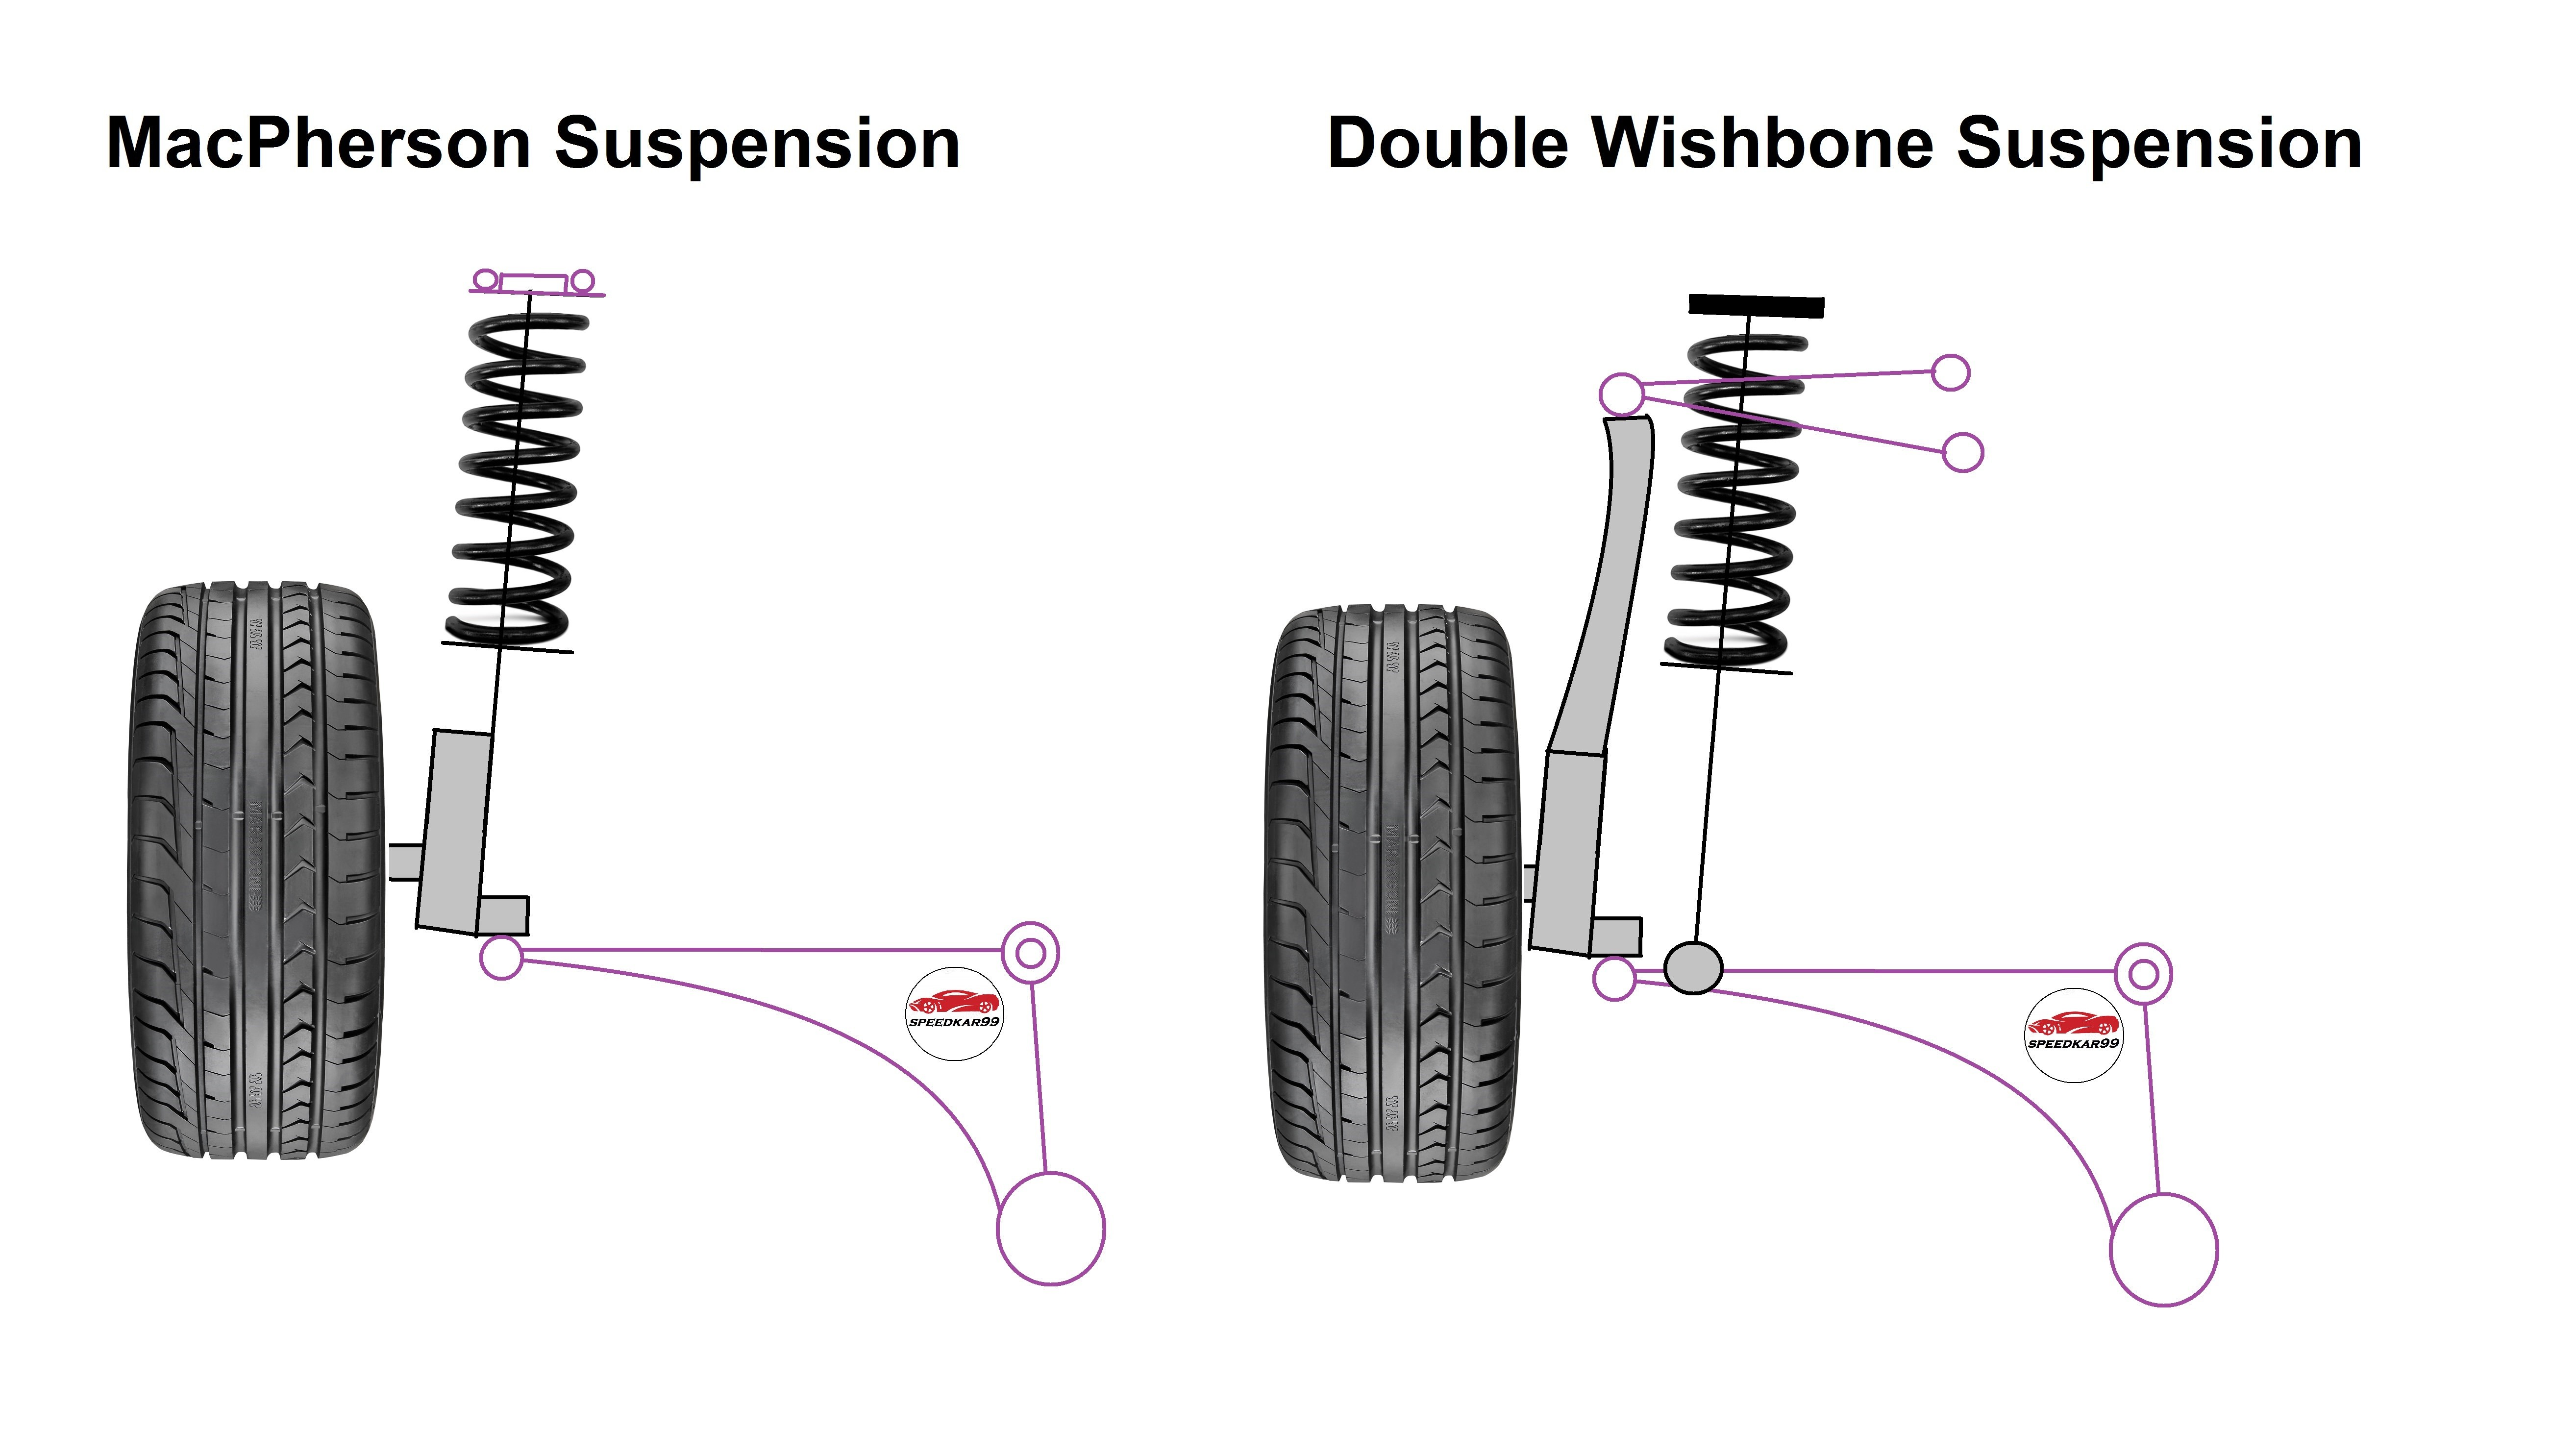 Macpherson Strut Diagram How A Car S Suspension Works Clublexus Lexus forum Discussion Of Macpherson Strut Diagram